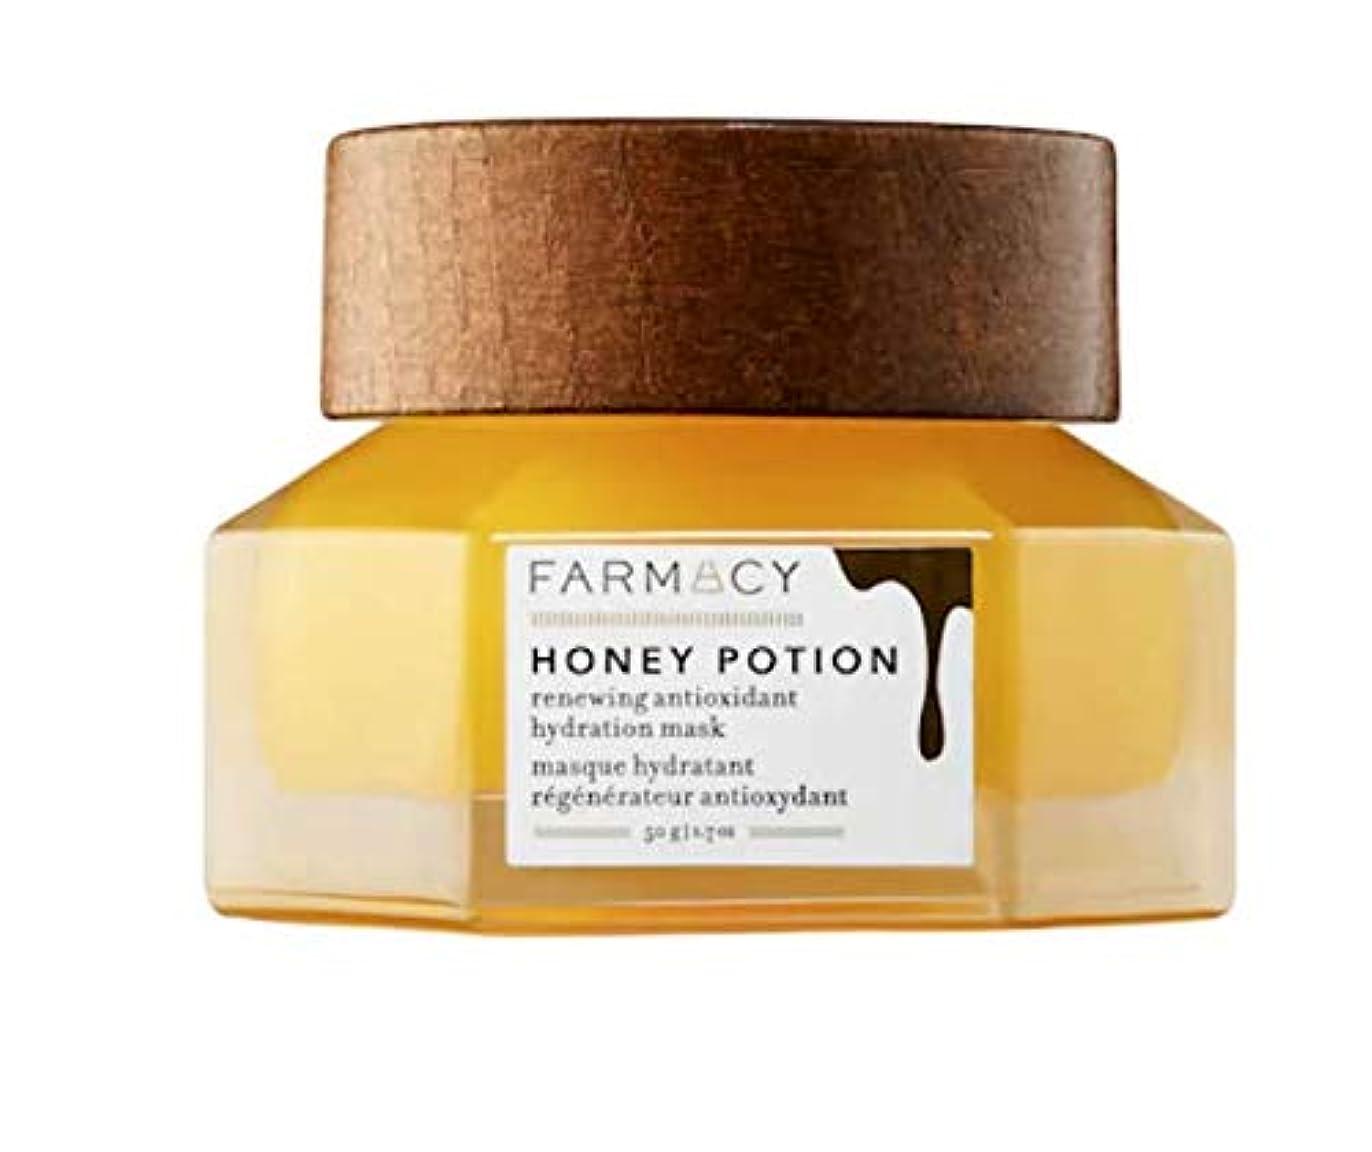 ホイットニー麻酔薬アレキサンダーグラハムベルファーマシー FARMACY ハニーポーション リニューイング アンチオキシデント ハイドレーションマスク 50g?Honey Potion Renewing Antioxidant Hydration Mask